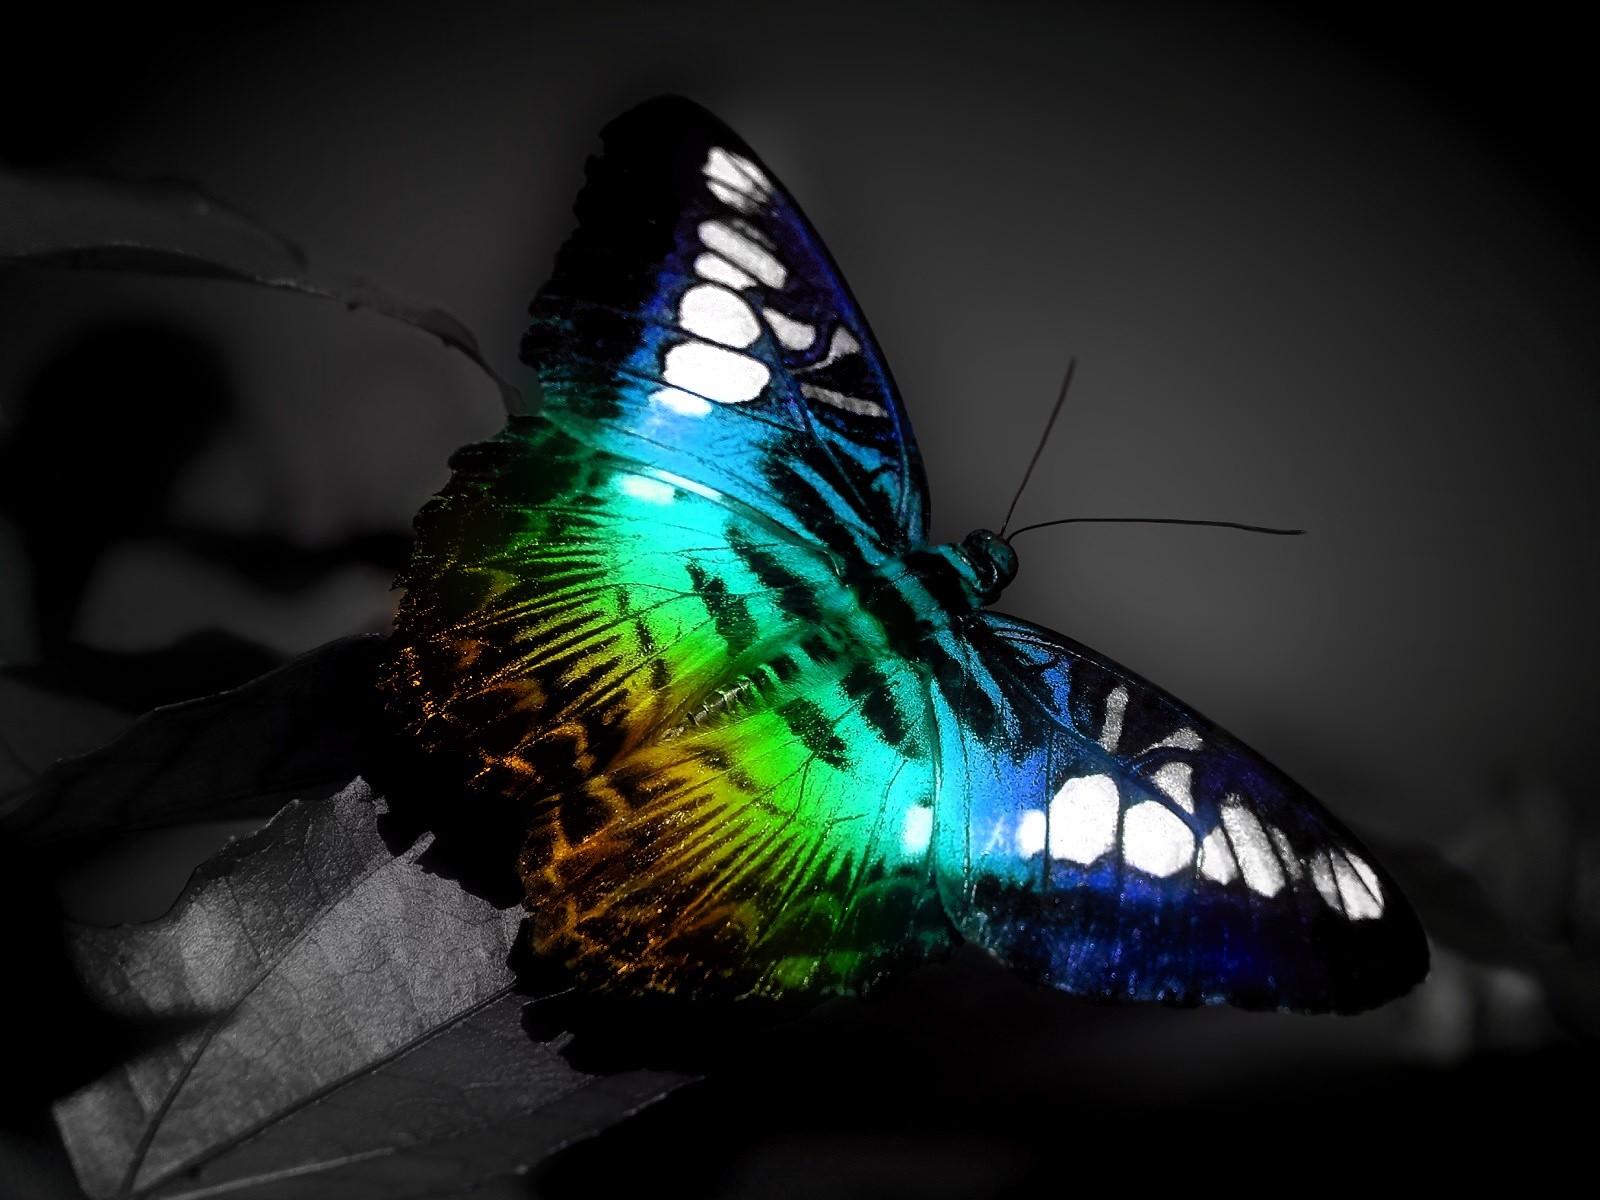 butterflies images download